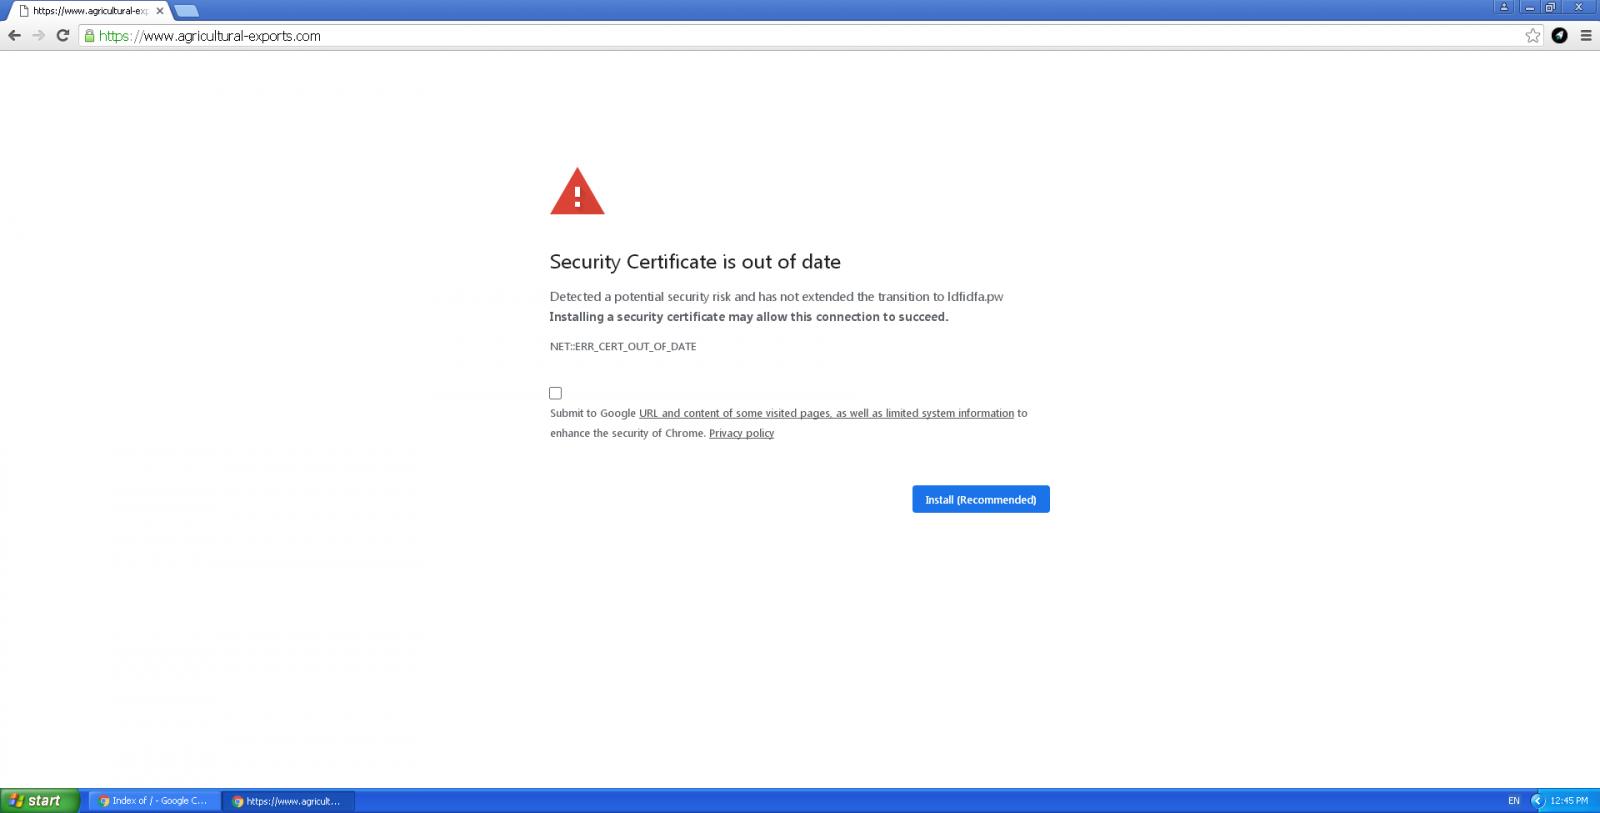 Fake security error